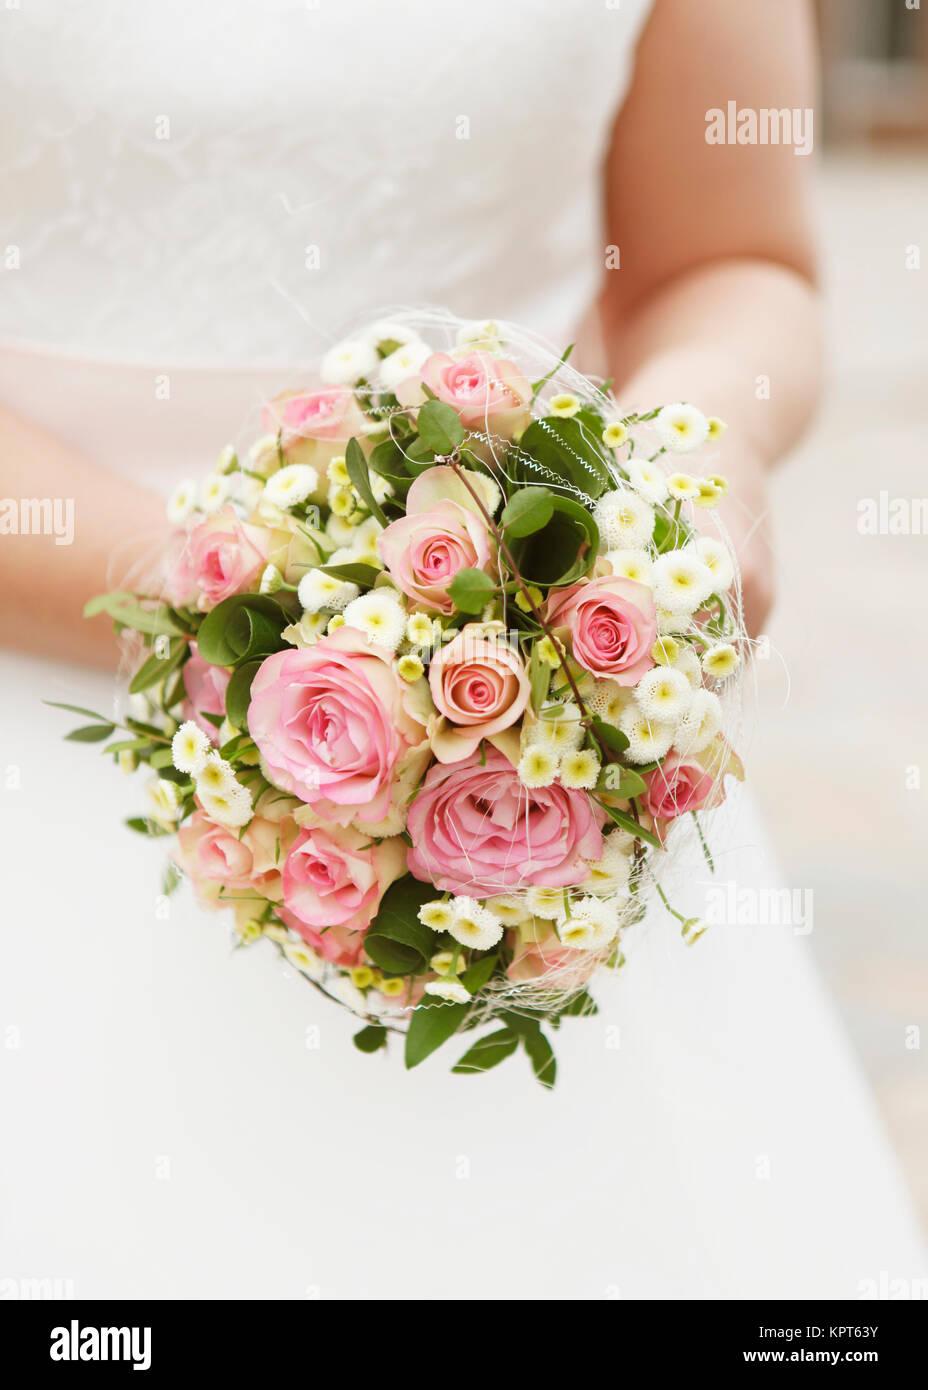 Eine Braut Mit Brautstrauss Rosa Rosen Kein Gesicht Stockfoto Bild